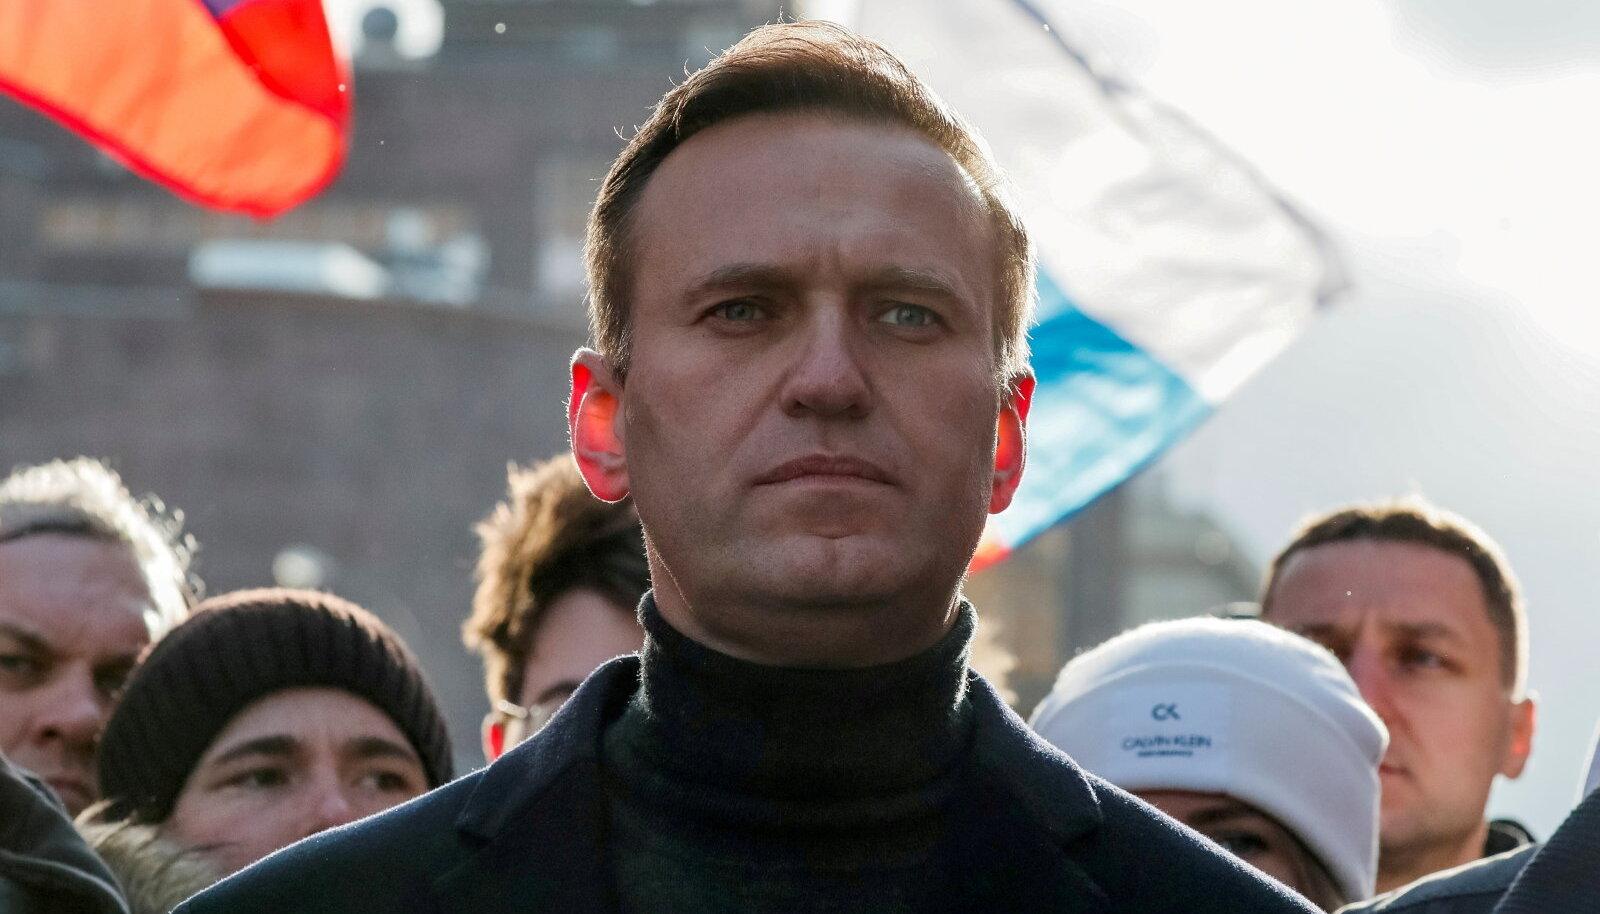 Navalnõi karistusaja pikkus on kaks ja pool aastat, ent hiljuti esitati talle uued süüdistused, mis võivad seda aega veelgi pikendada.